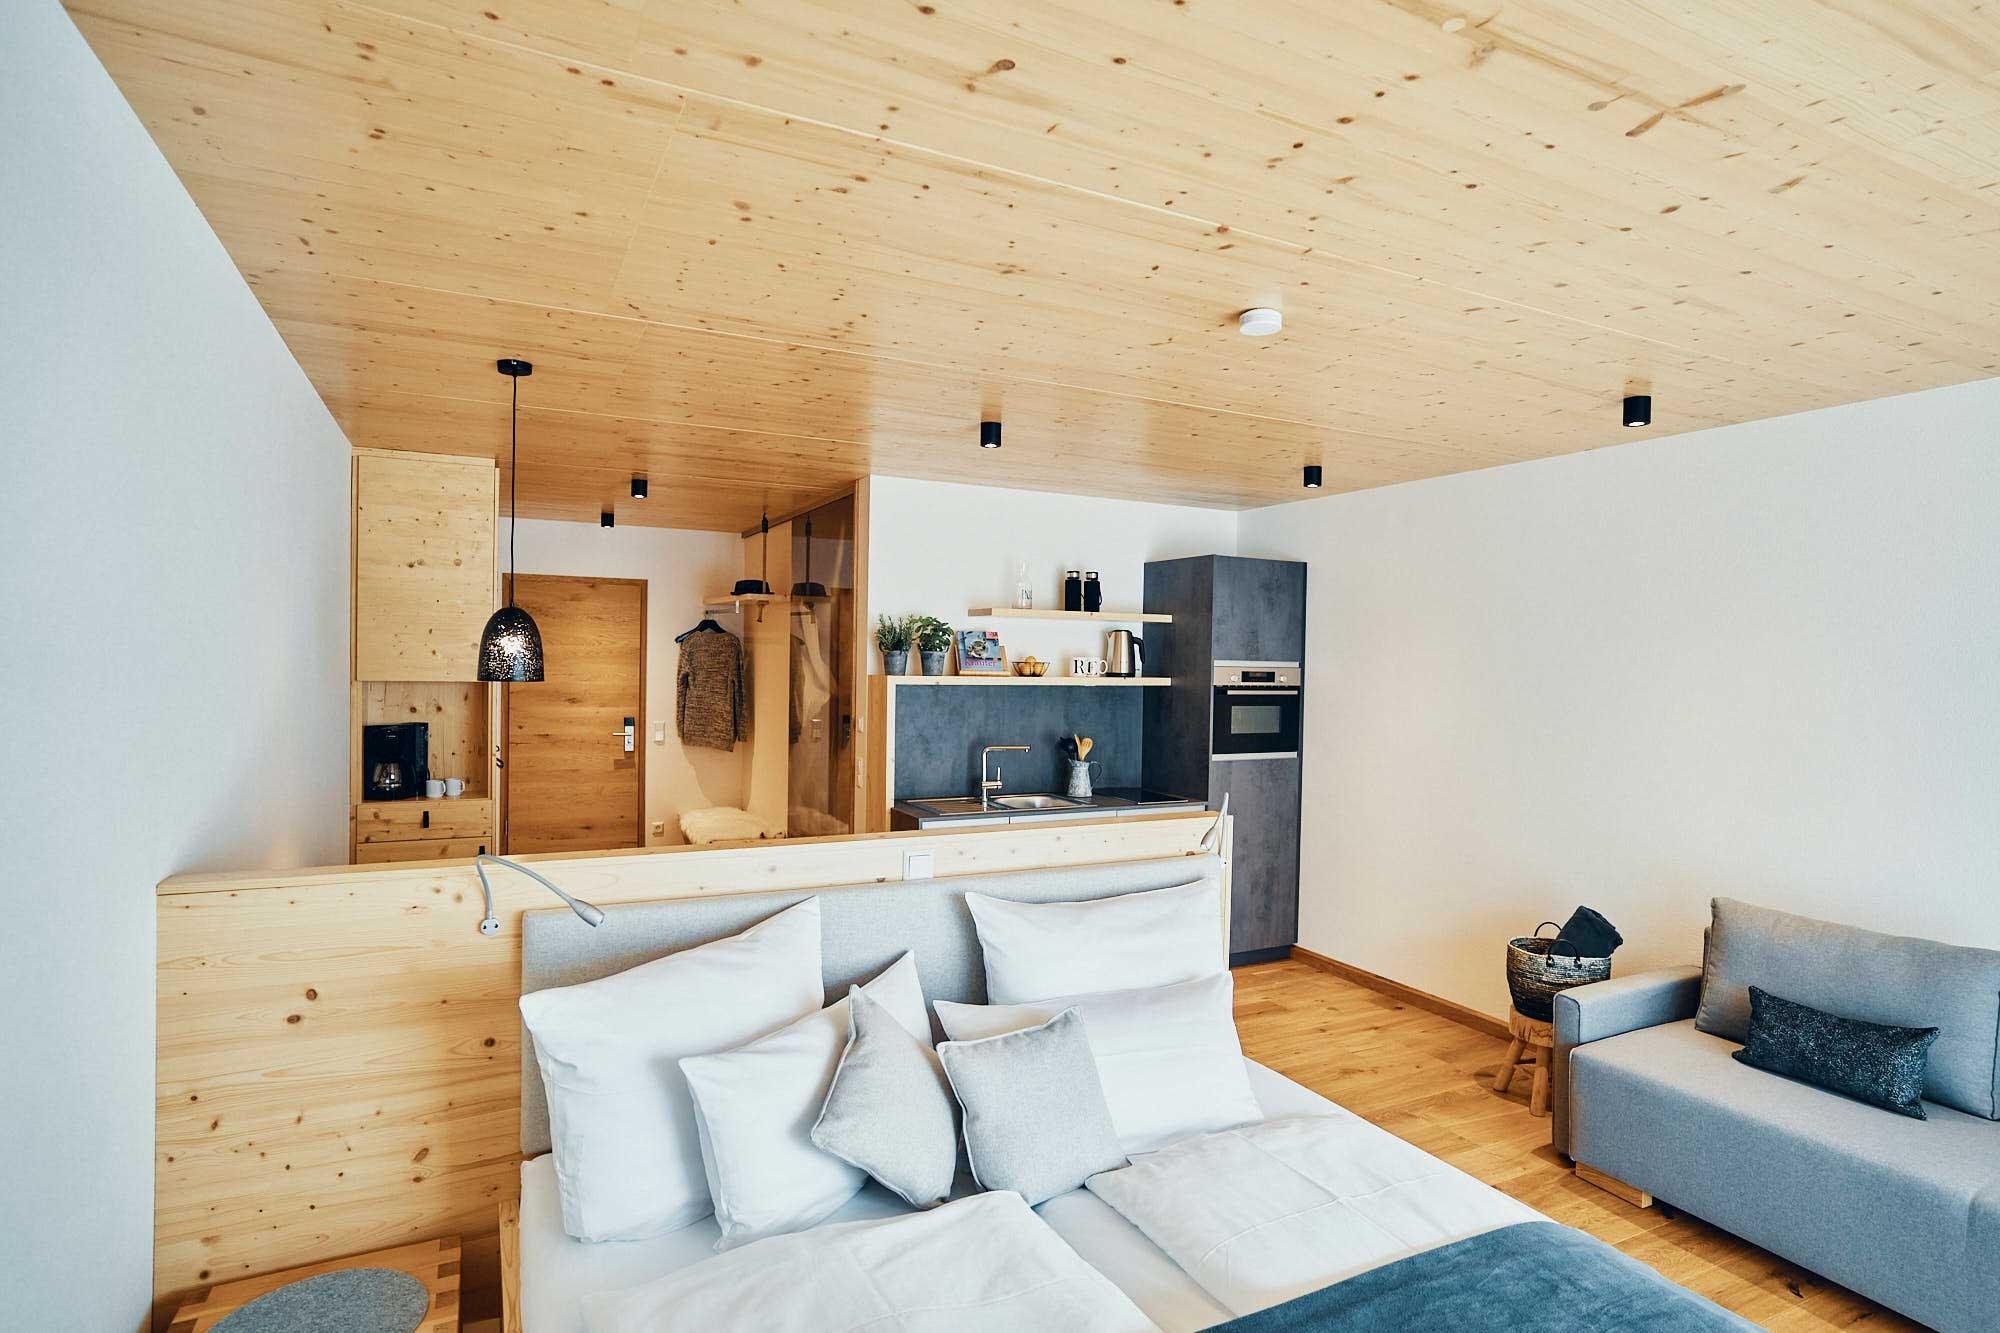 ECHTZEIT Ferien Apartment - Federleicht - Wohlfühl-Zimmer